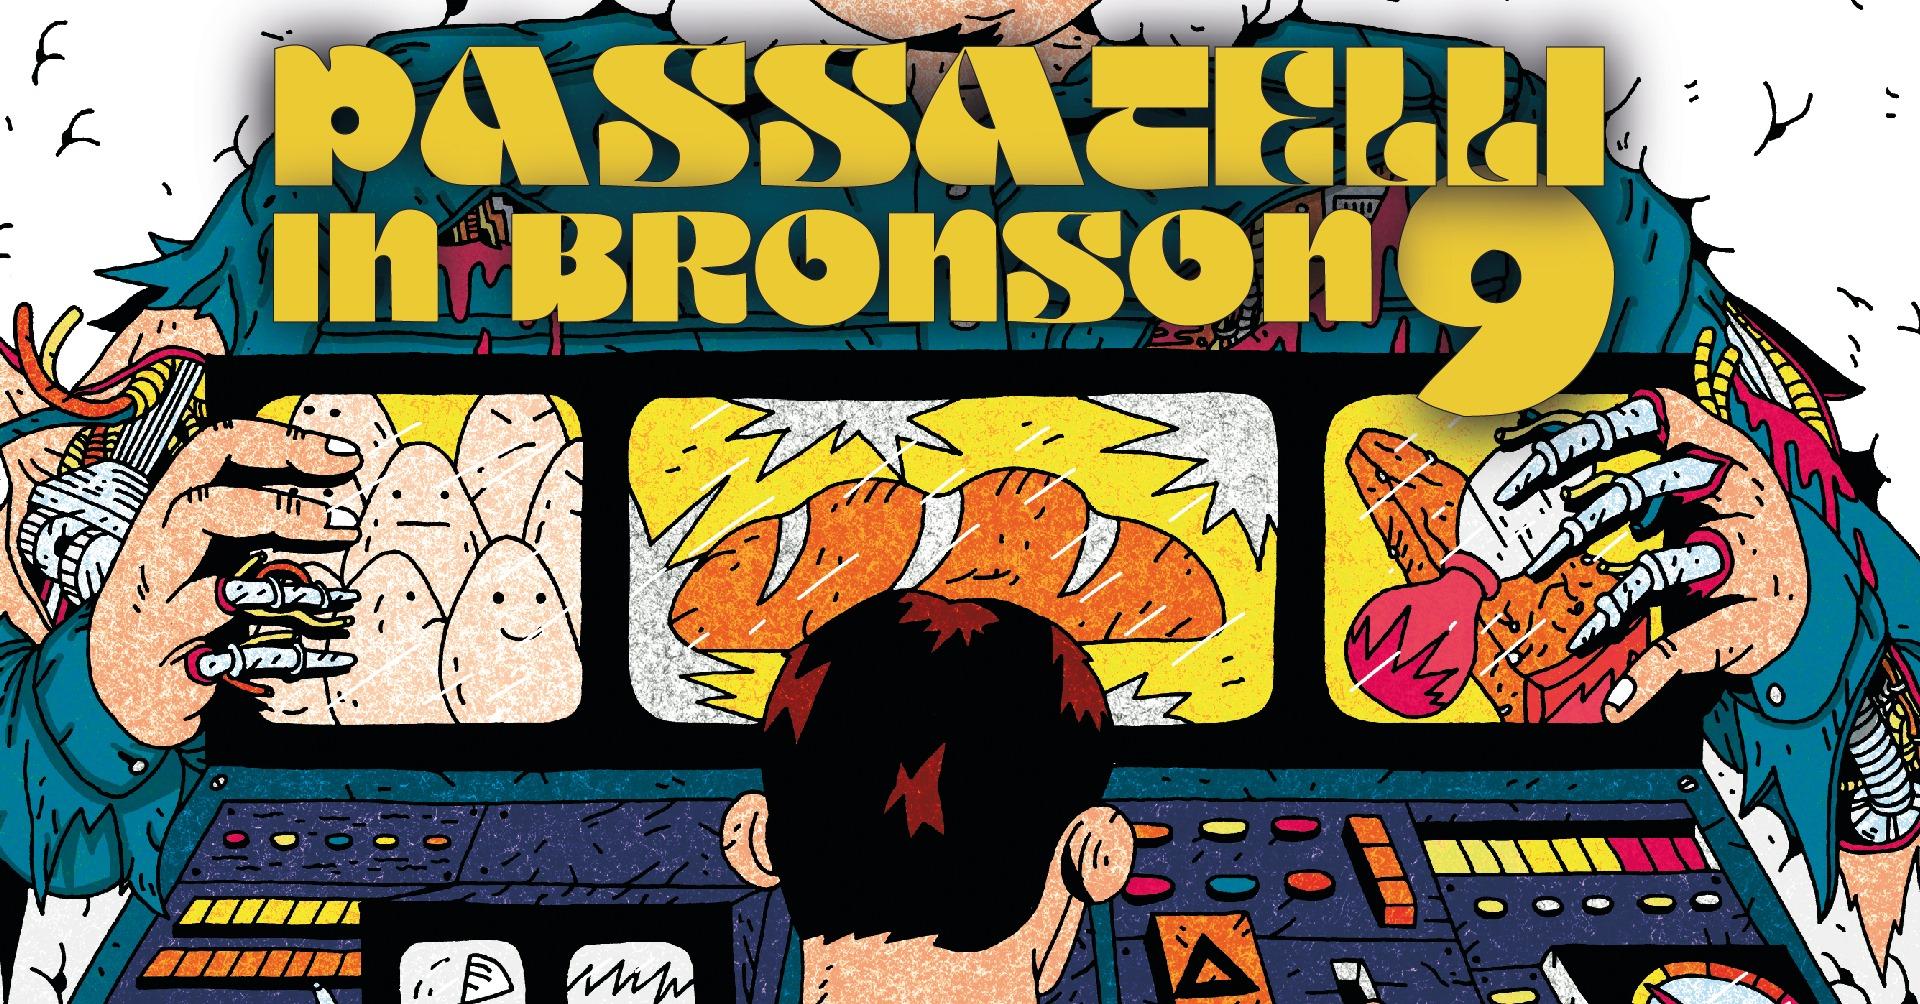 Passatelli in Bronson